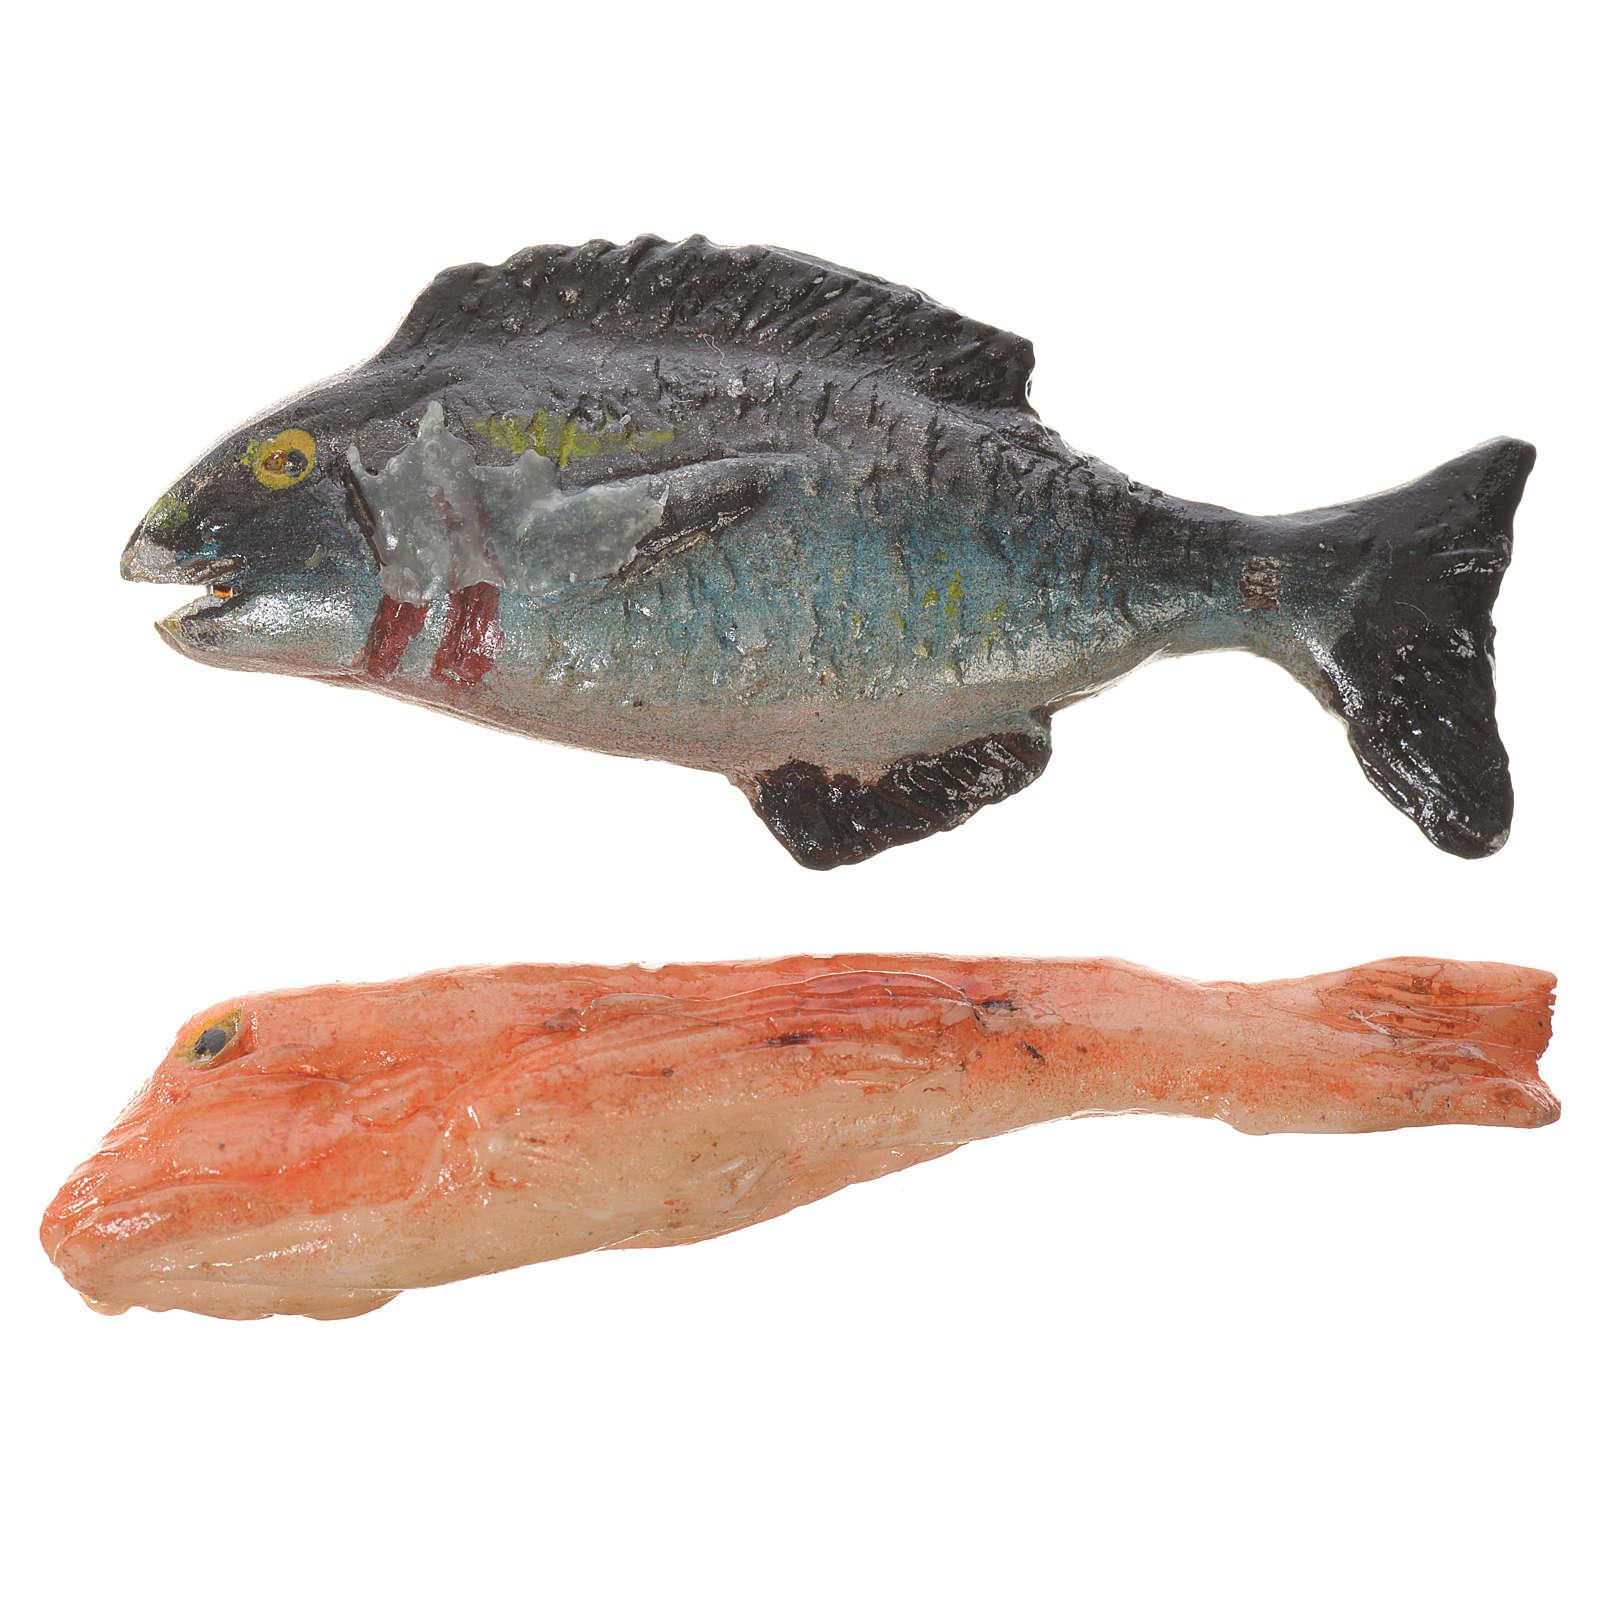 Pesce in cera per figure presepe 20-24 cm modelli assortiti 4